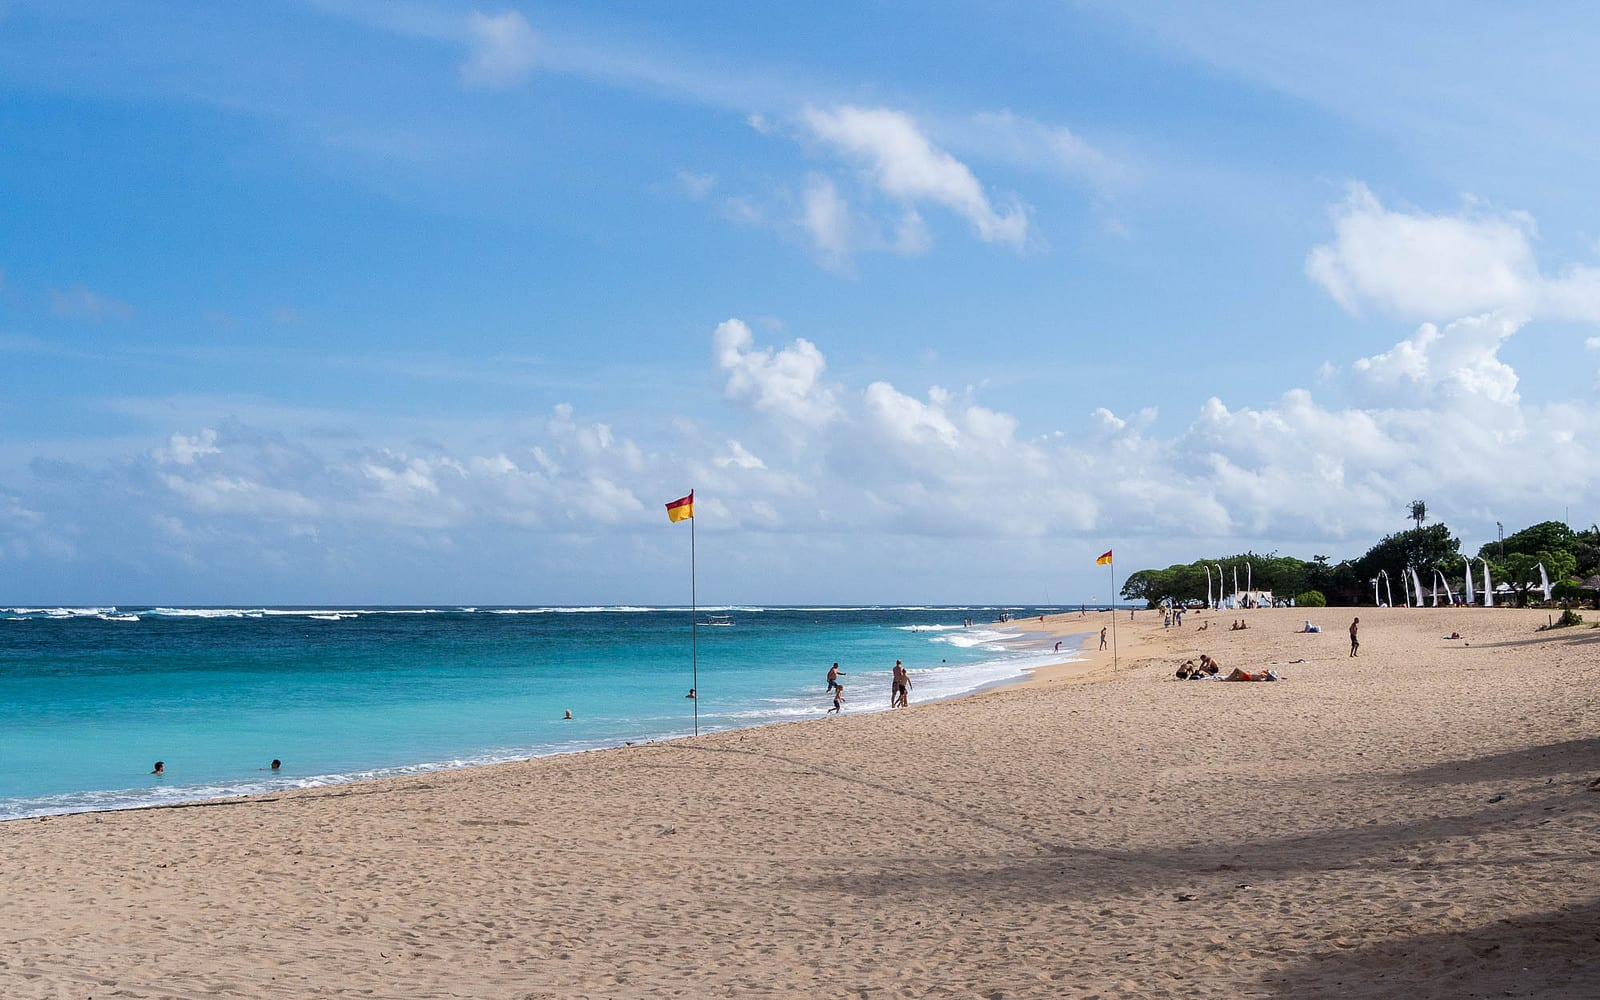 相當美麗壯闊的海景。來源:http://bit.ly/2LddPvF。